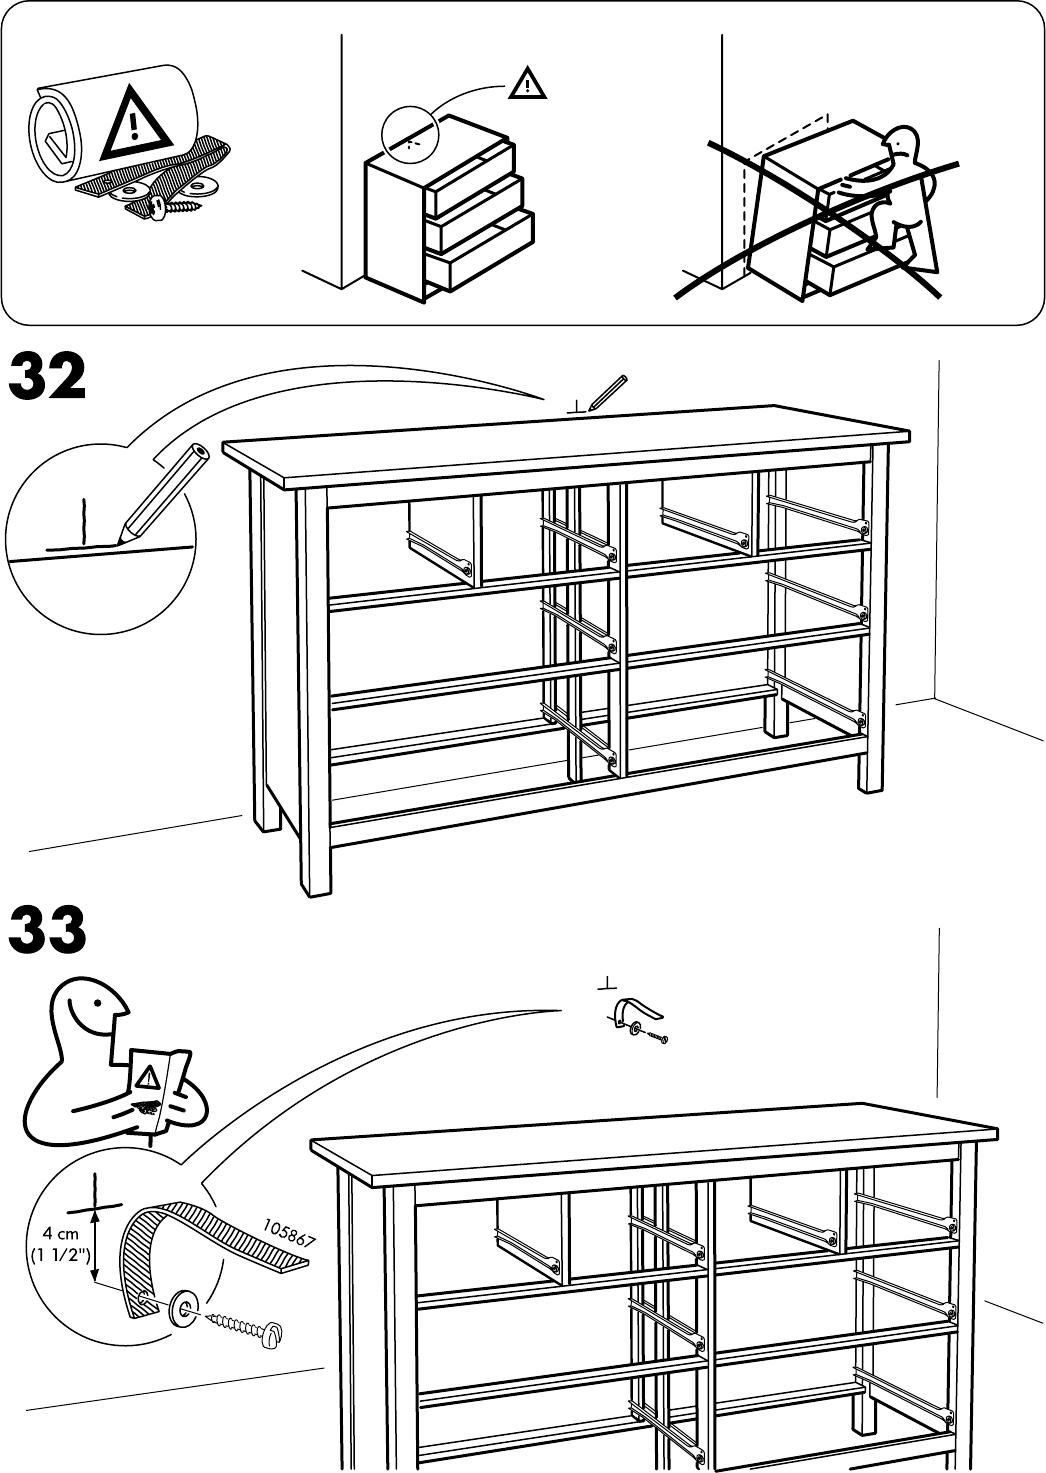 Hemnes Ladekast 8.Handleiding Ikea Hemnes Ladekast 8 Lades Pagina 26 Van 32 Dansk